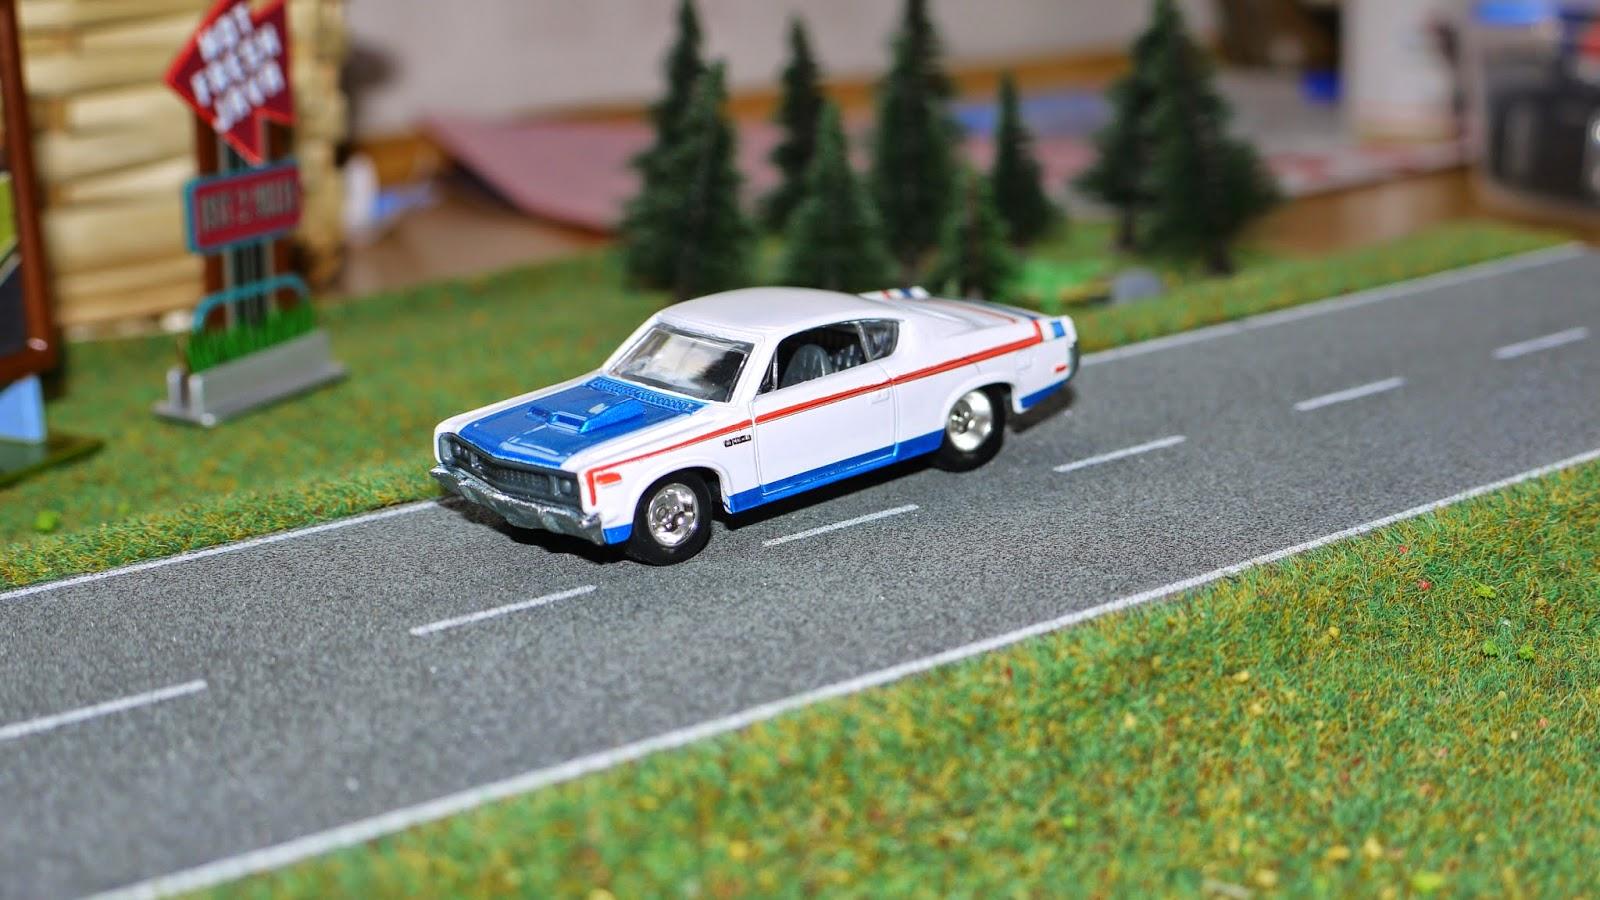 Diecast Cars 1 64 Modellautos 1 64 Modellbilar 1 64 Chrysler